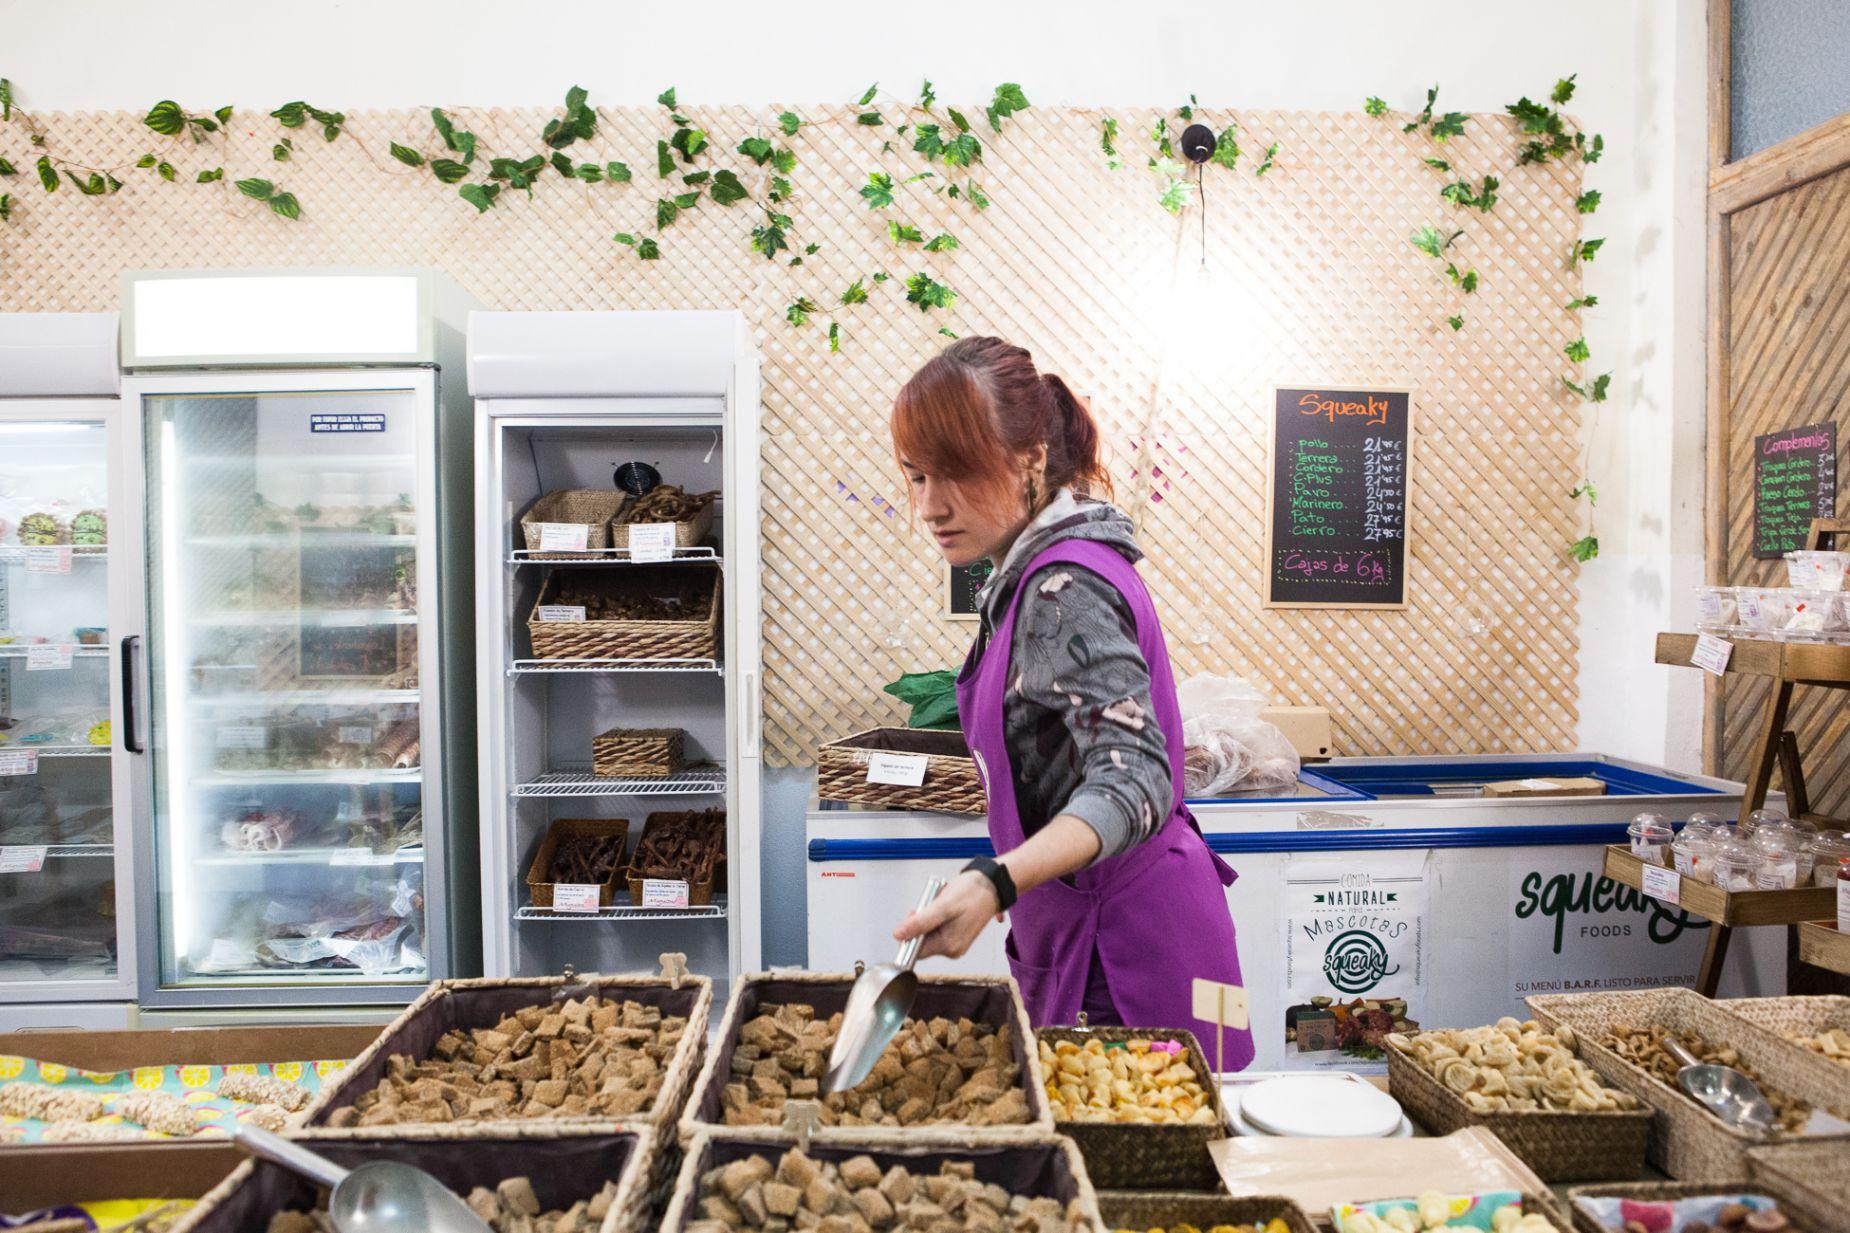 Tienda obrador 'Miguitas' (Madrid): Frutas deshidratadas y premios.